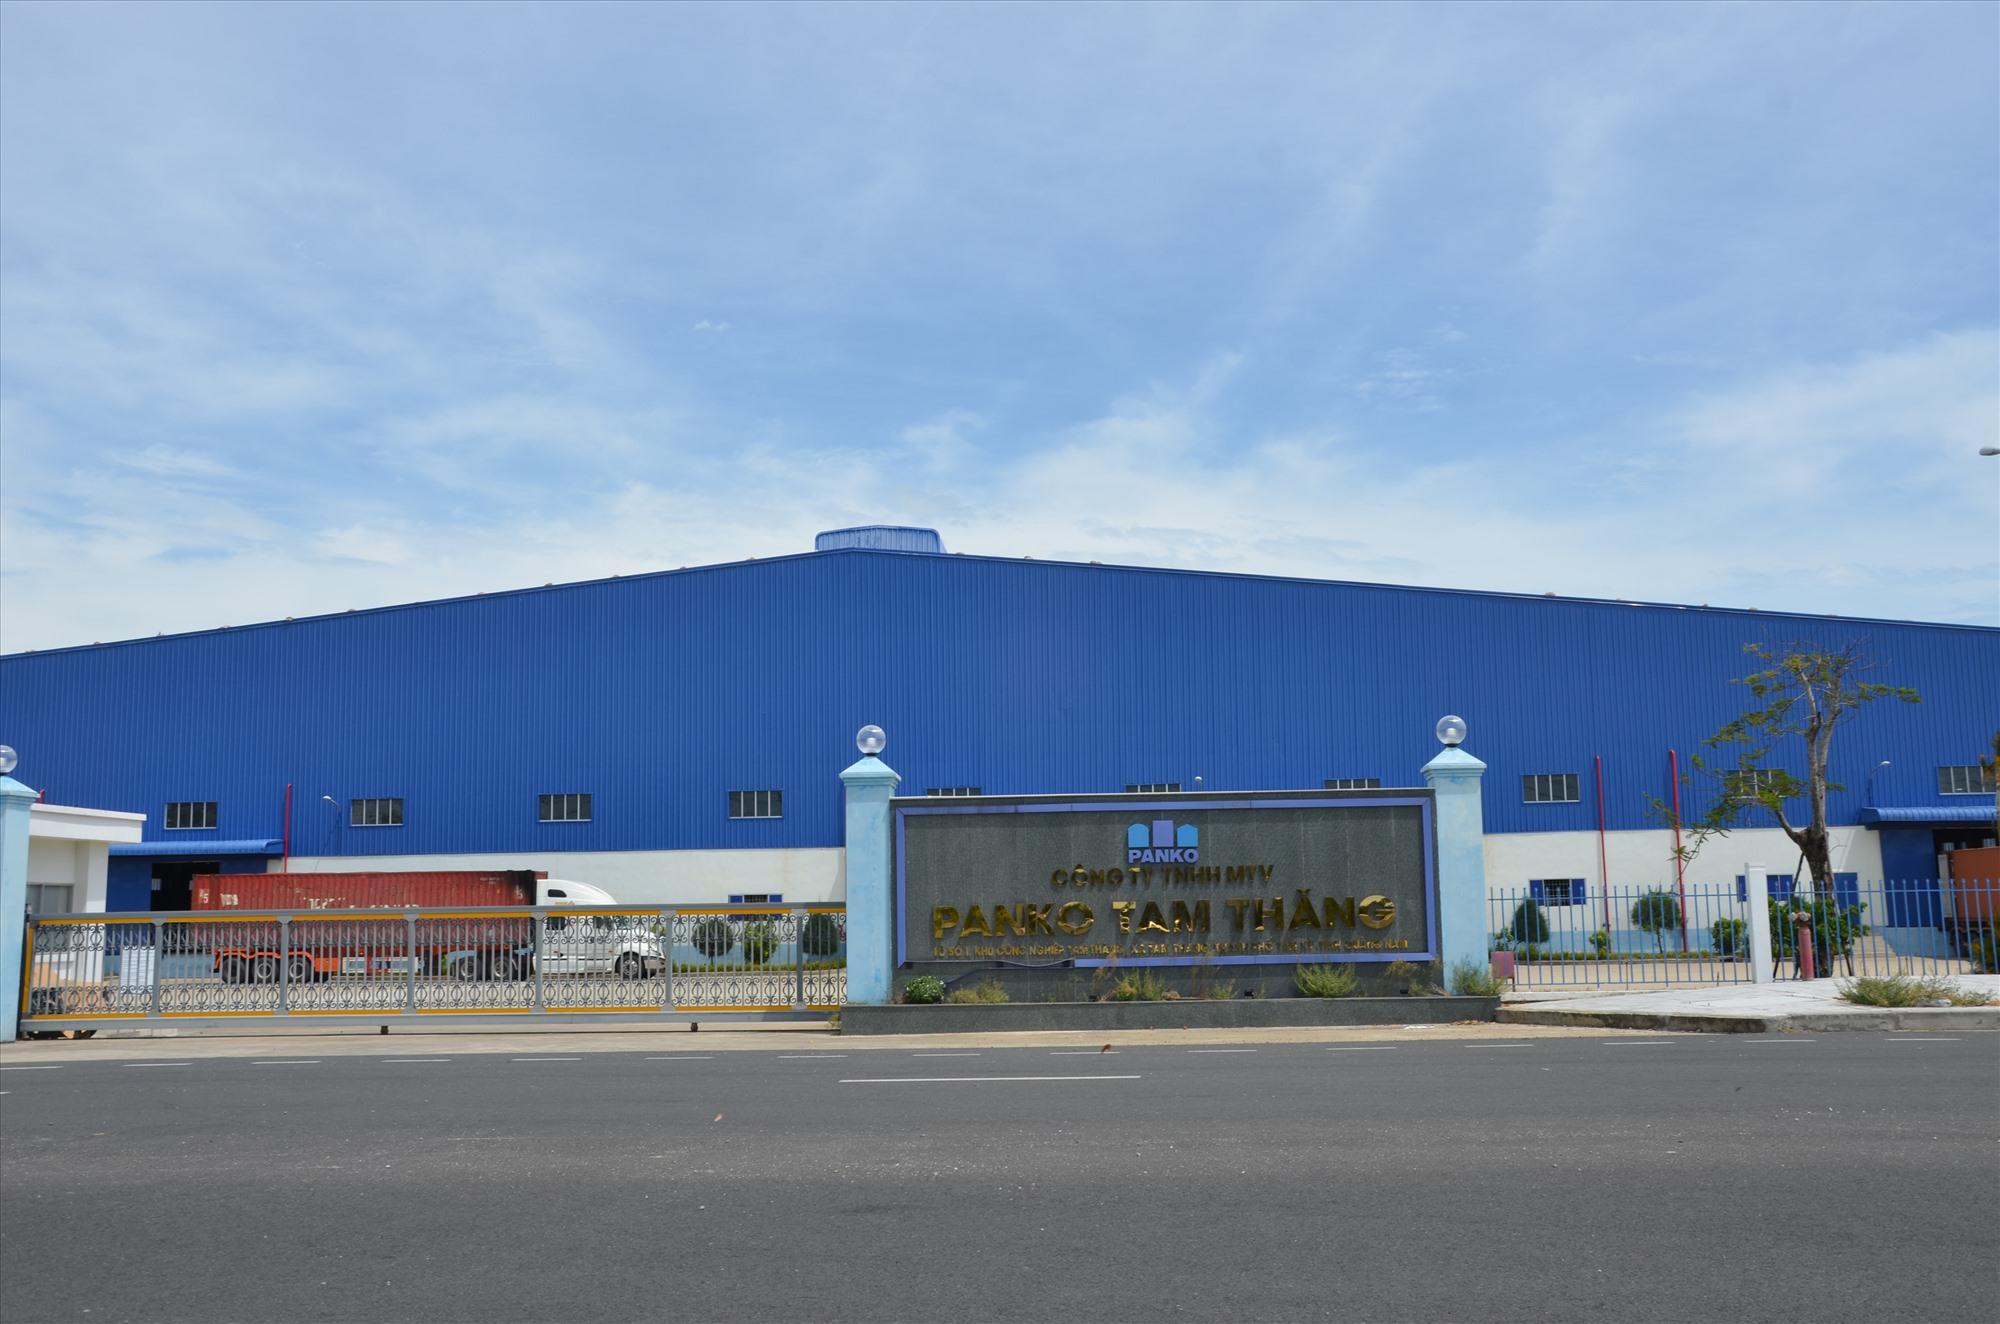 Các doanh nghiệp đến đầu tư đang lấp đầy diện tích tại Khu công nghiệp Tam Thăng. Ảnh: H.P